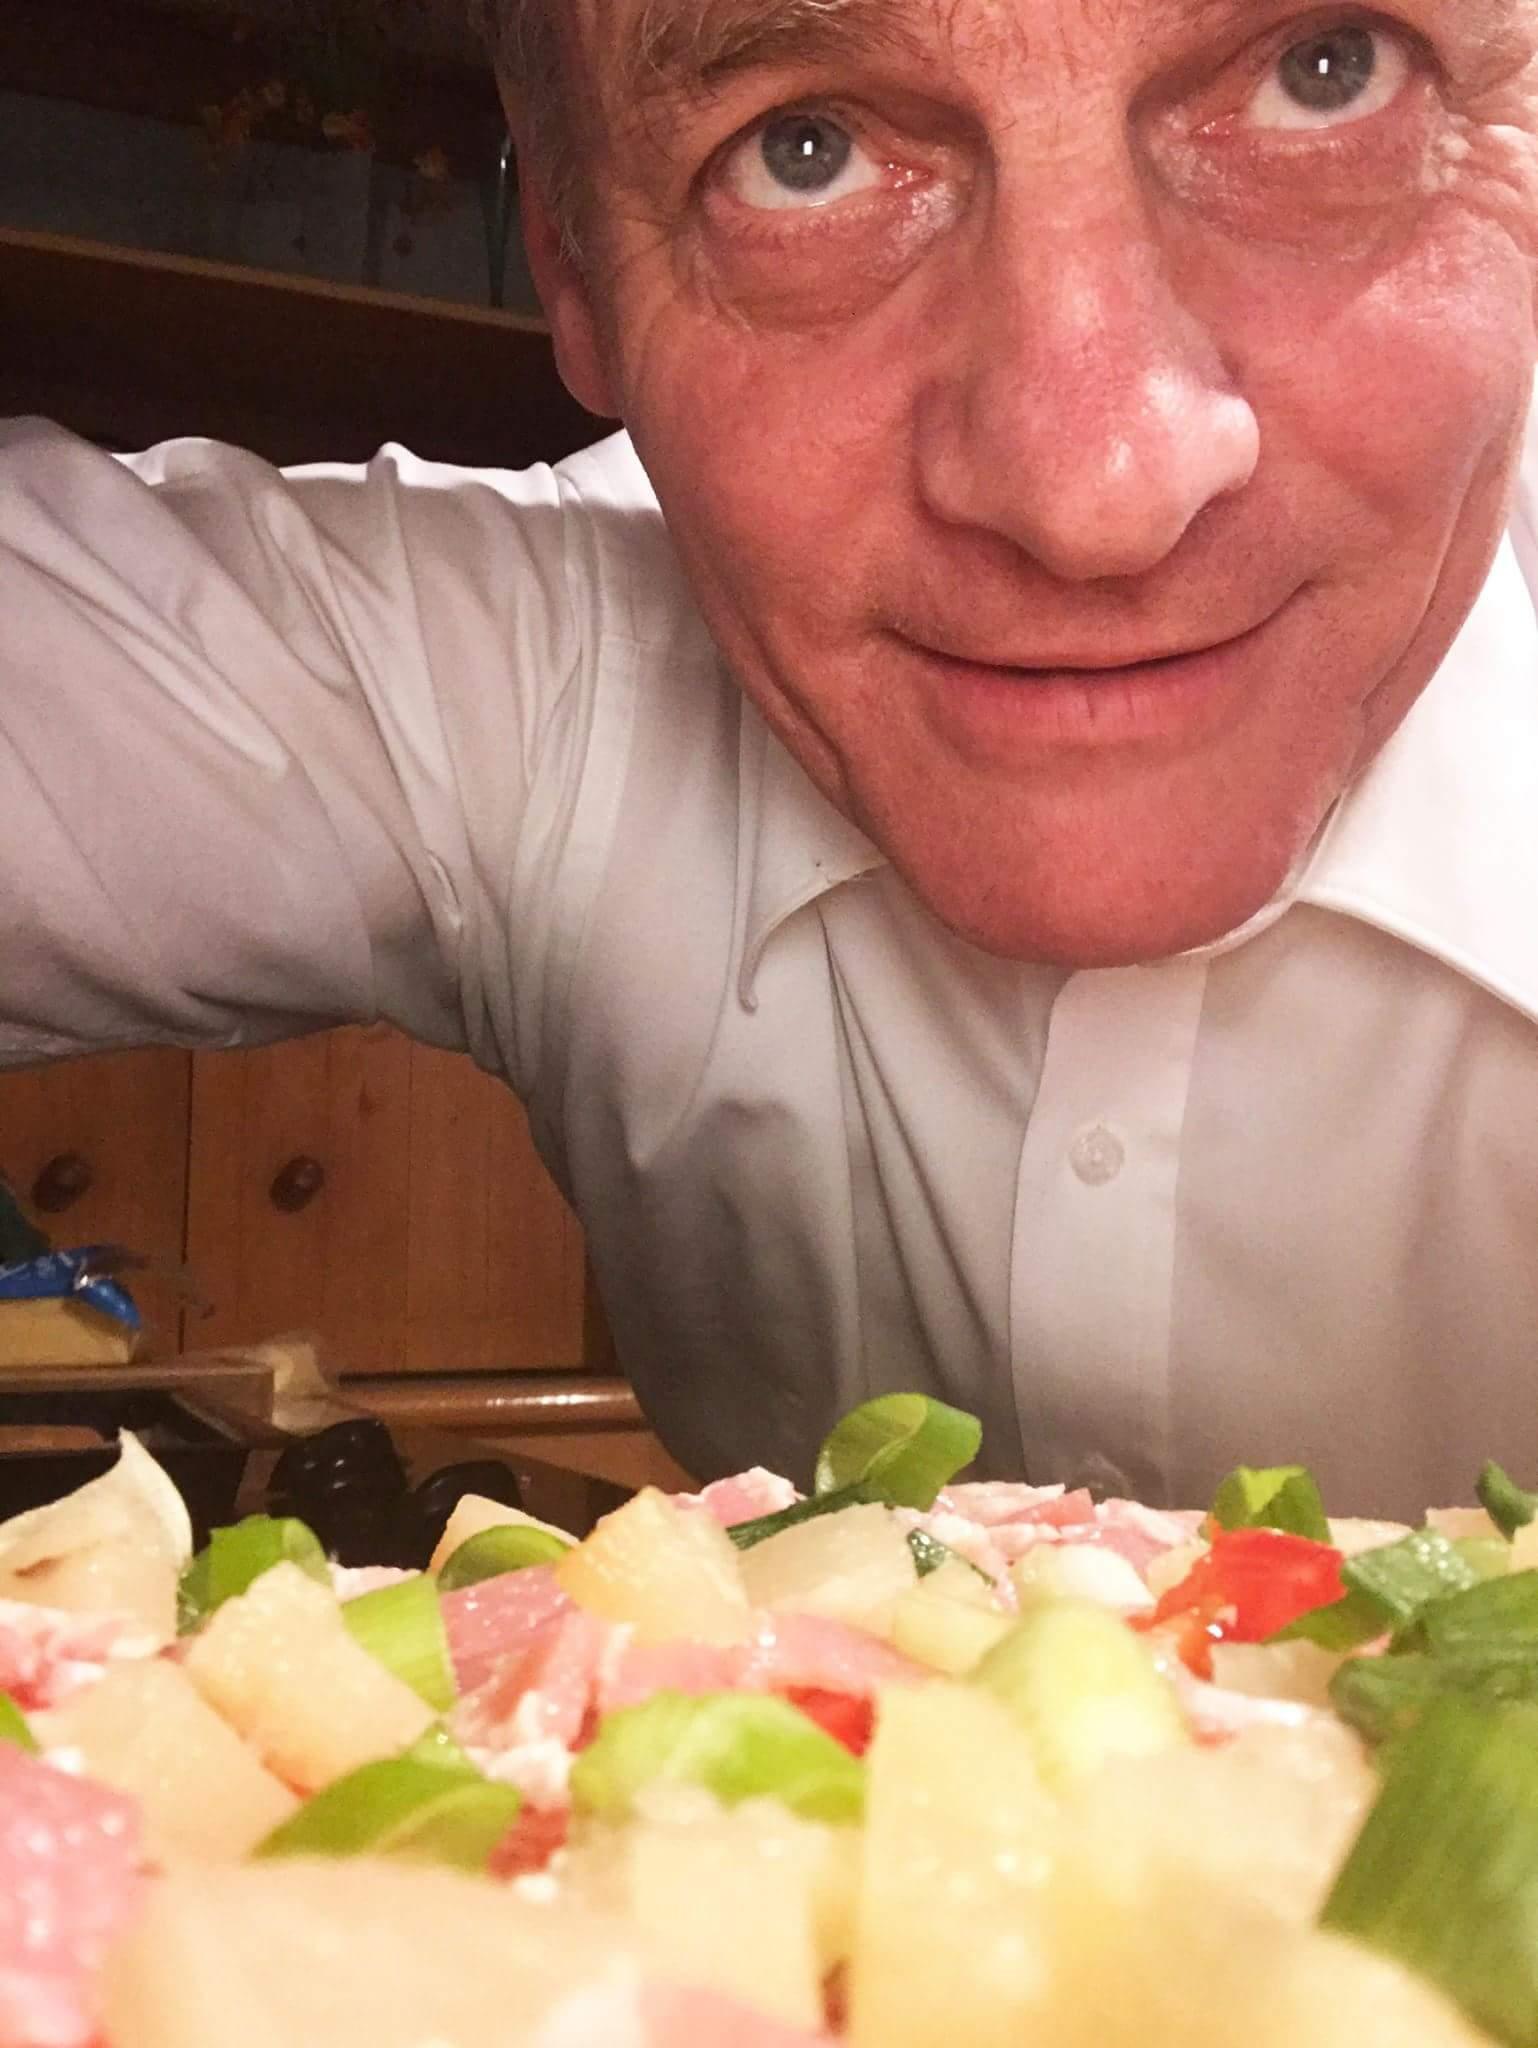 【悲報】NZ首相がピザにパイナップルをトッピングし大炎上 →「政治家にふさわしくない」との声まであがるwwwwwwwwwwwwのサムネイル画像